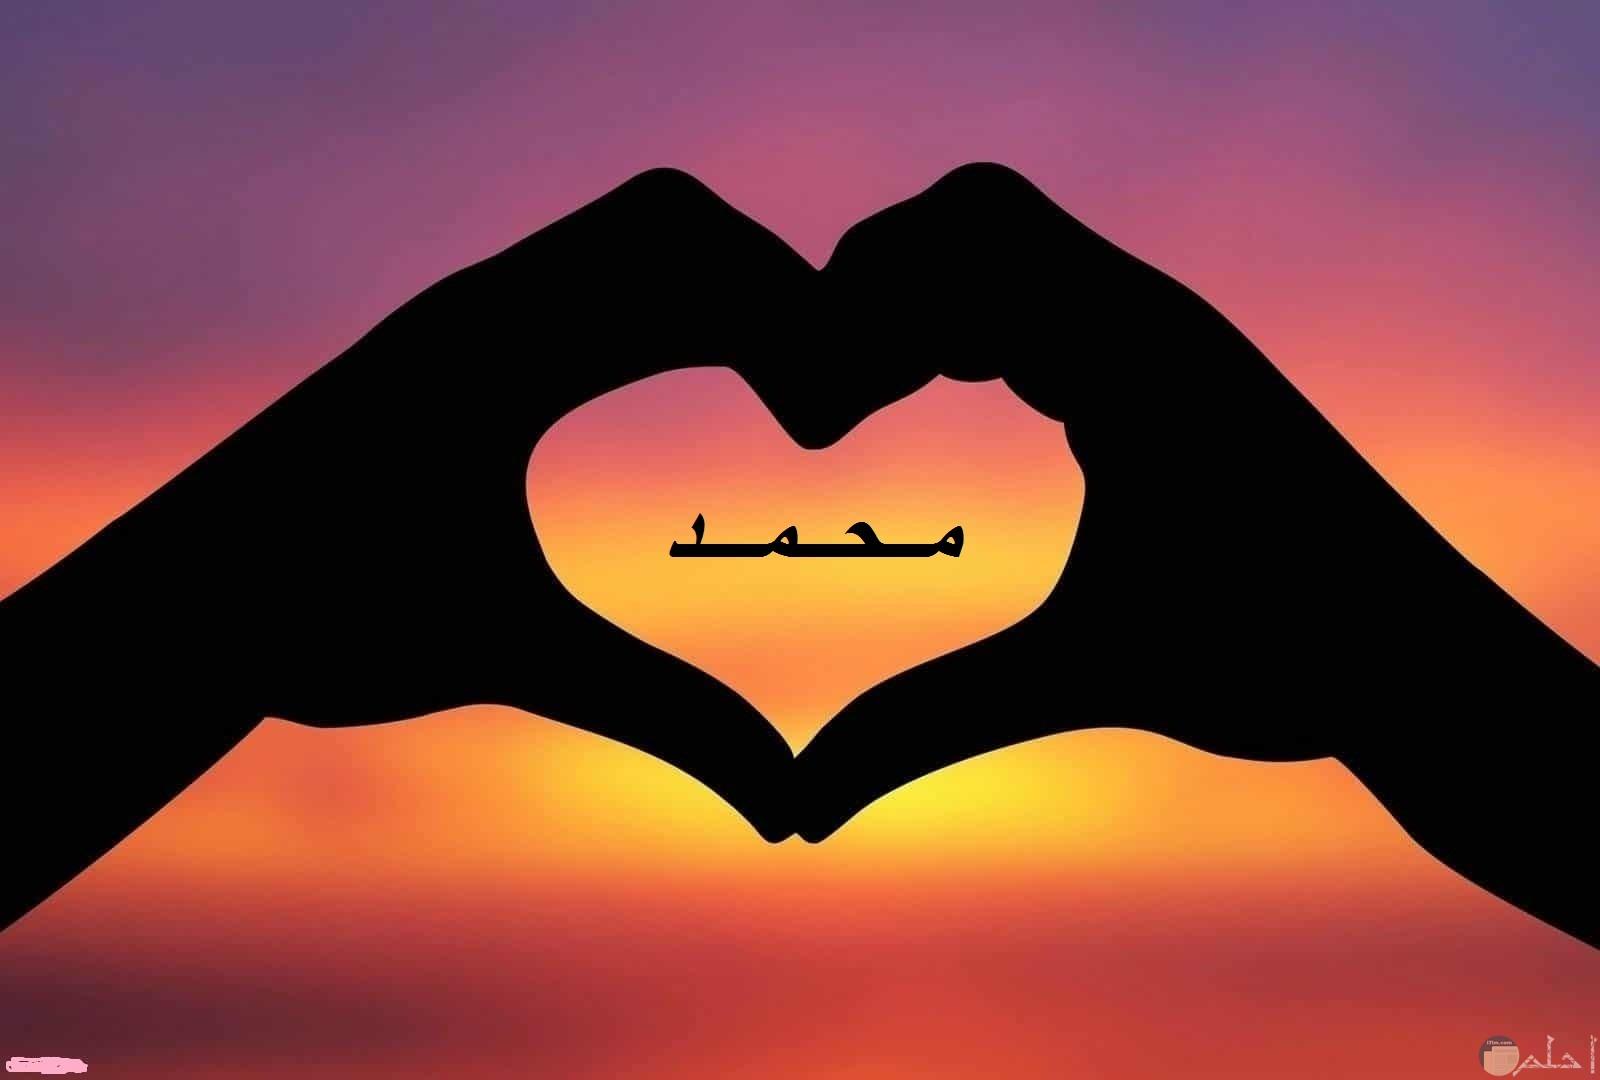 اسم محمد داخل قلب.